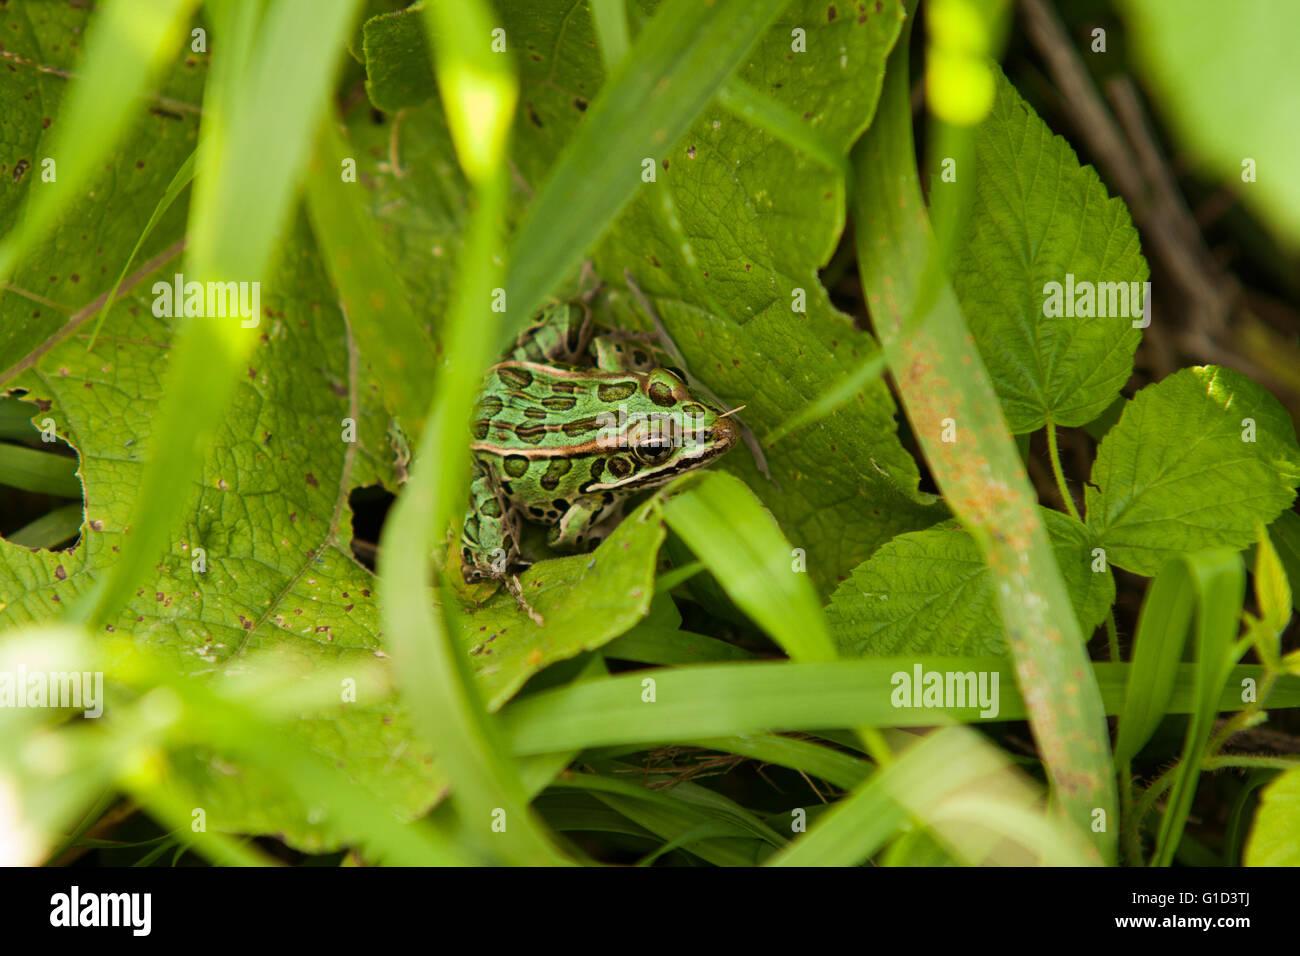 Leopard-Frosch in der Vegetation. Stockbild